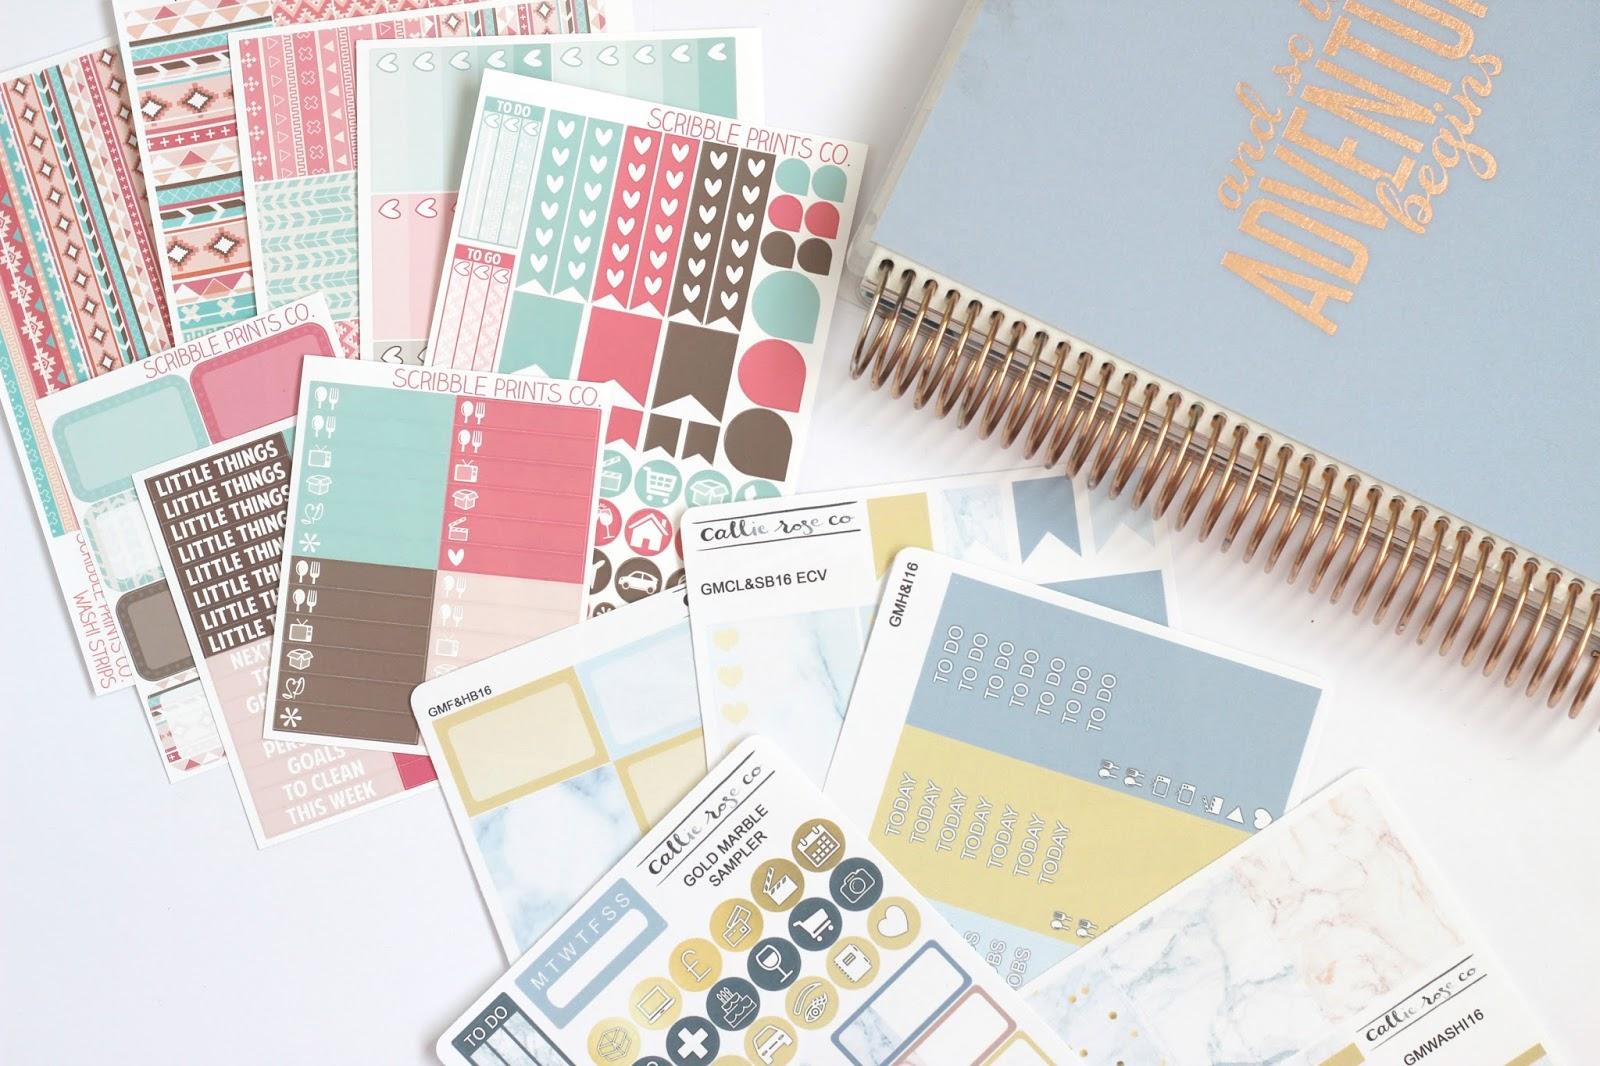 Scribble Prints Co